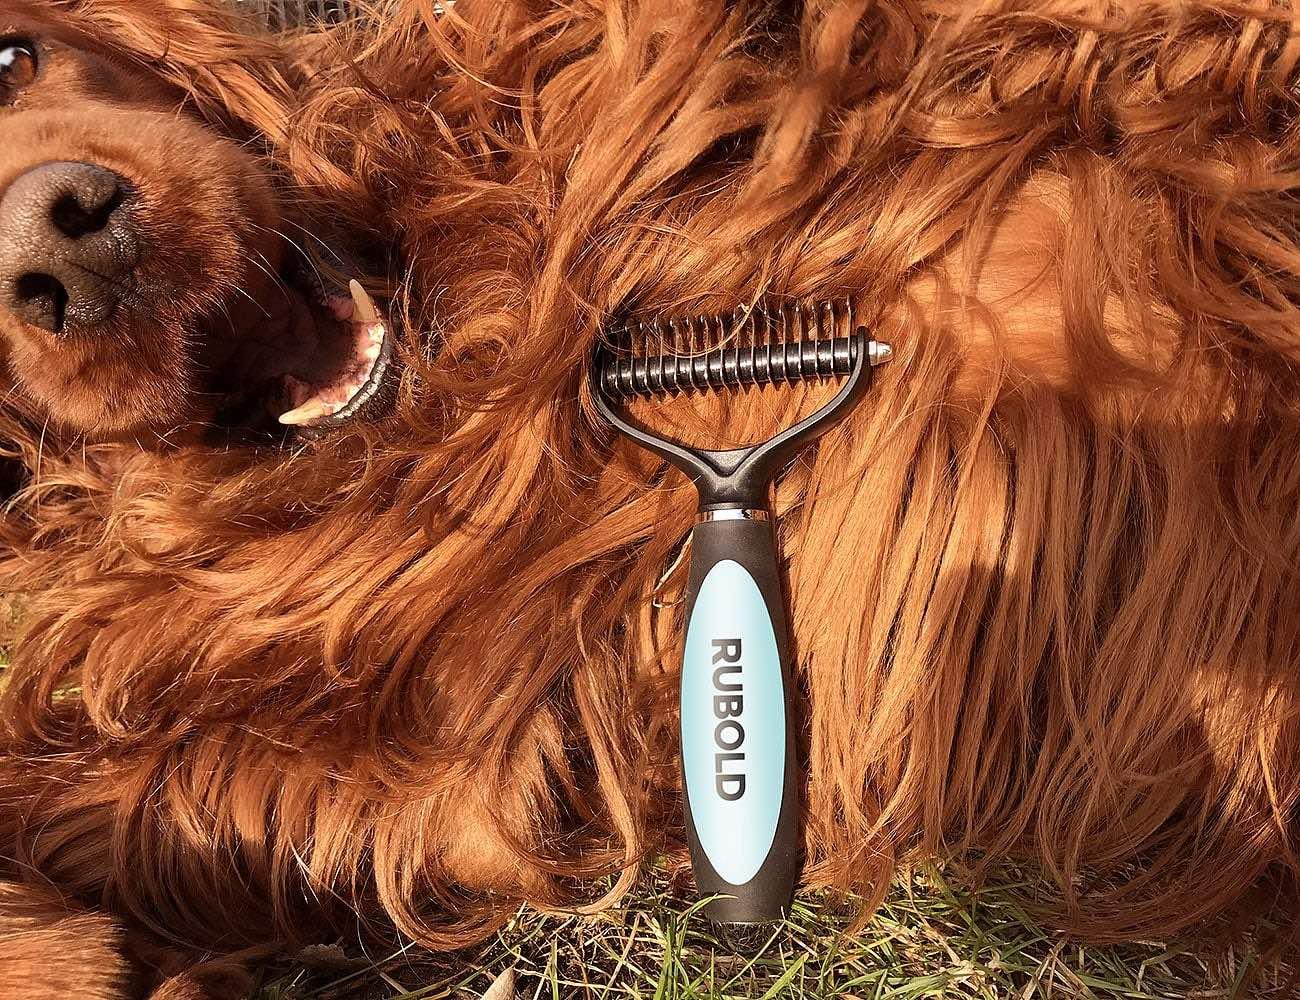 RUBOLD Dog Dematting Tool